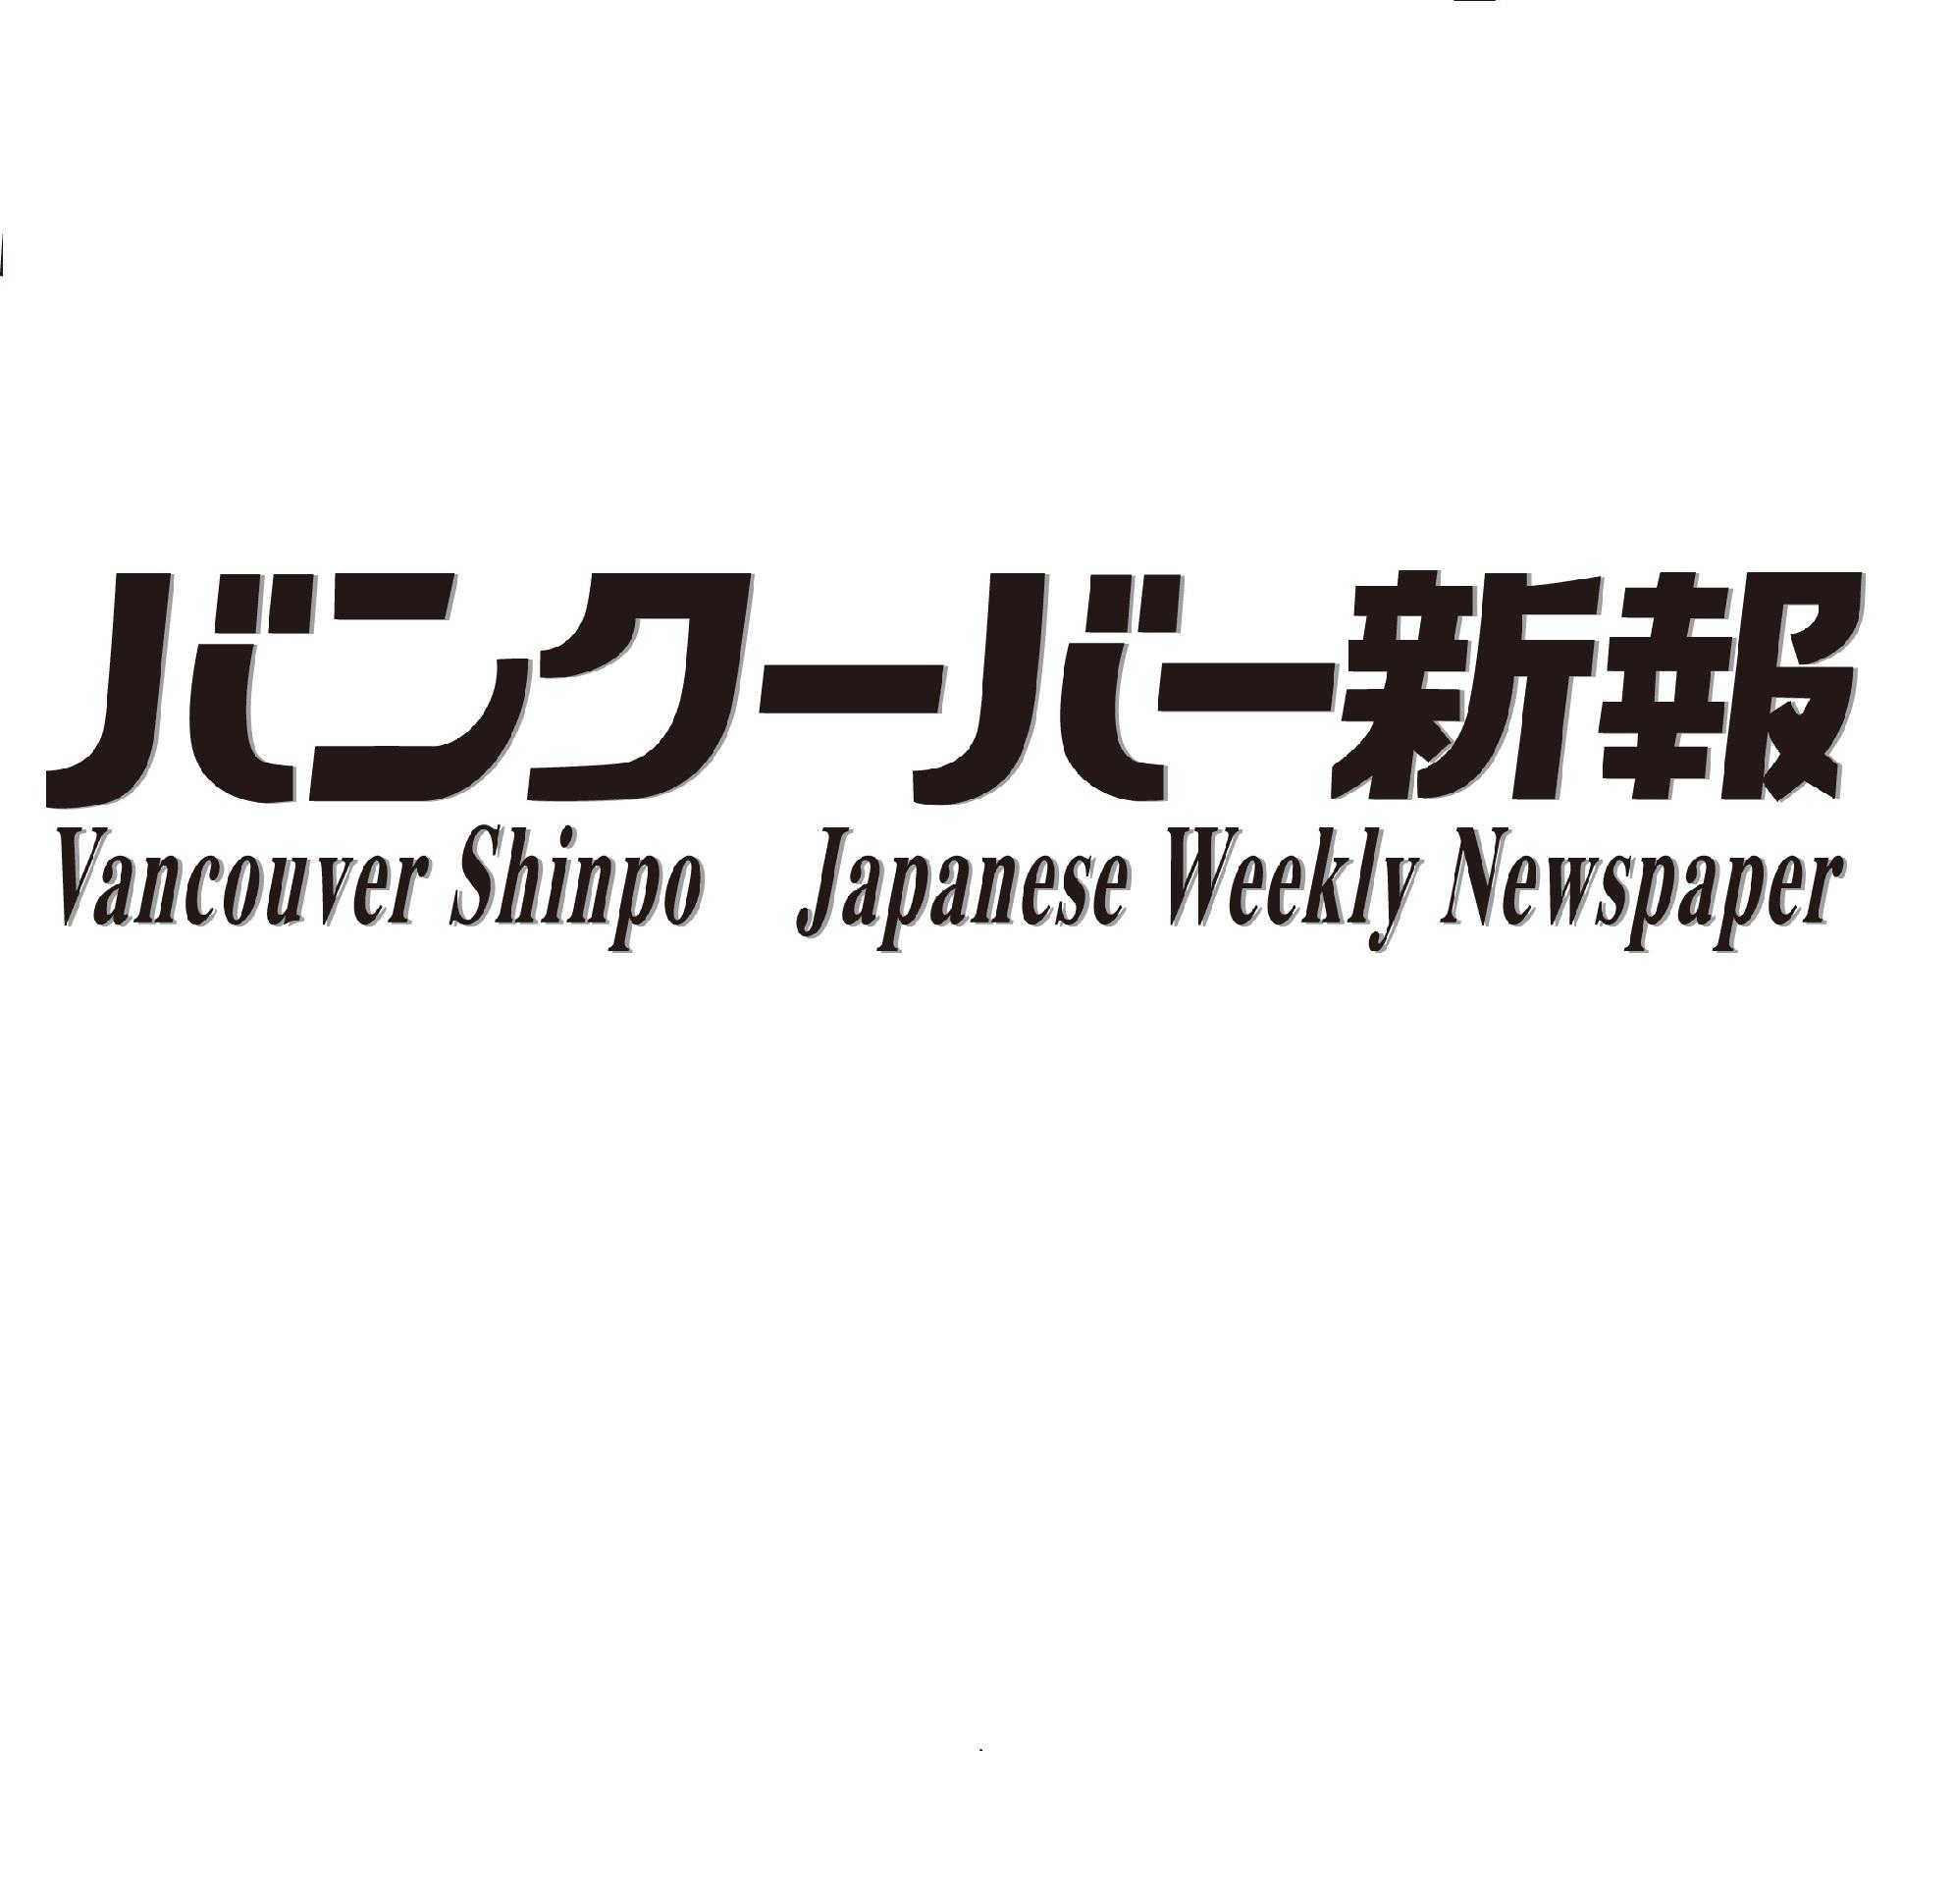 Vancouver Shinpo